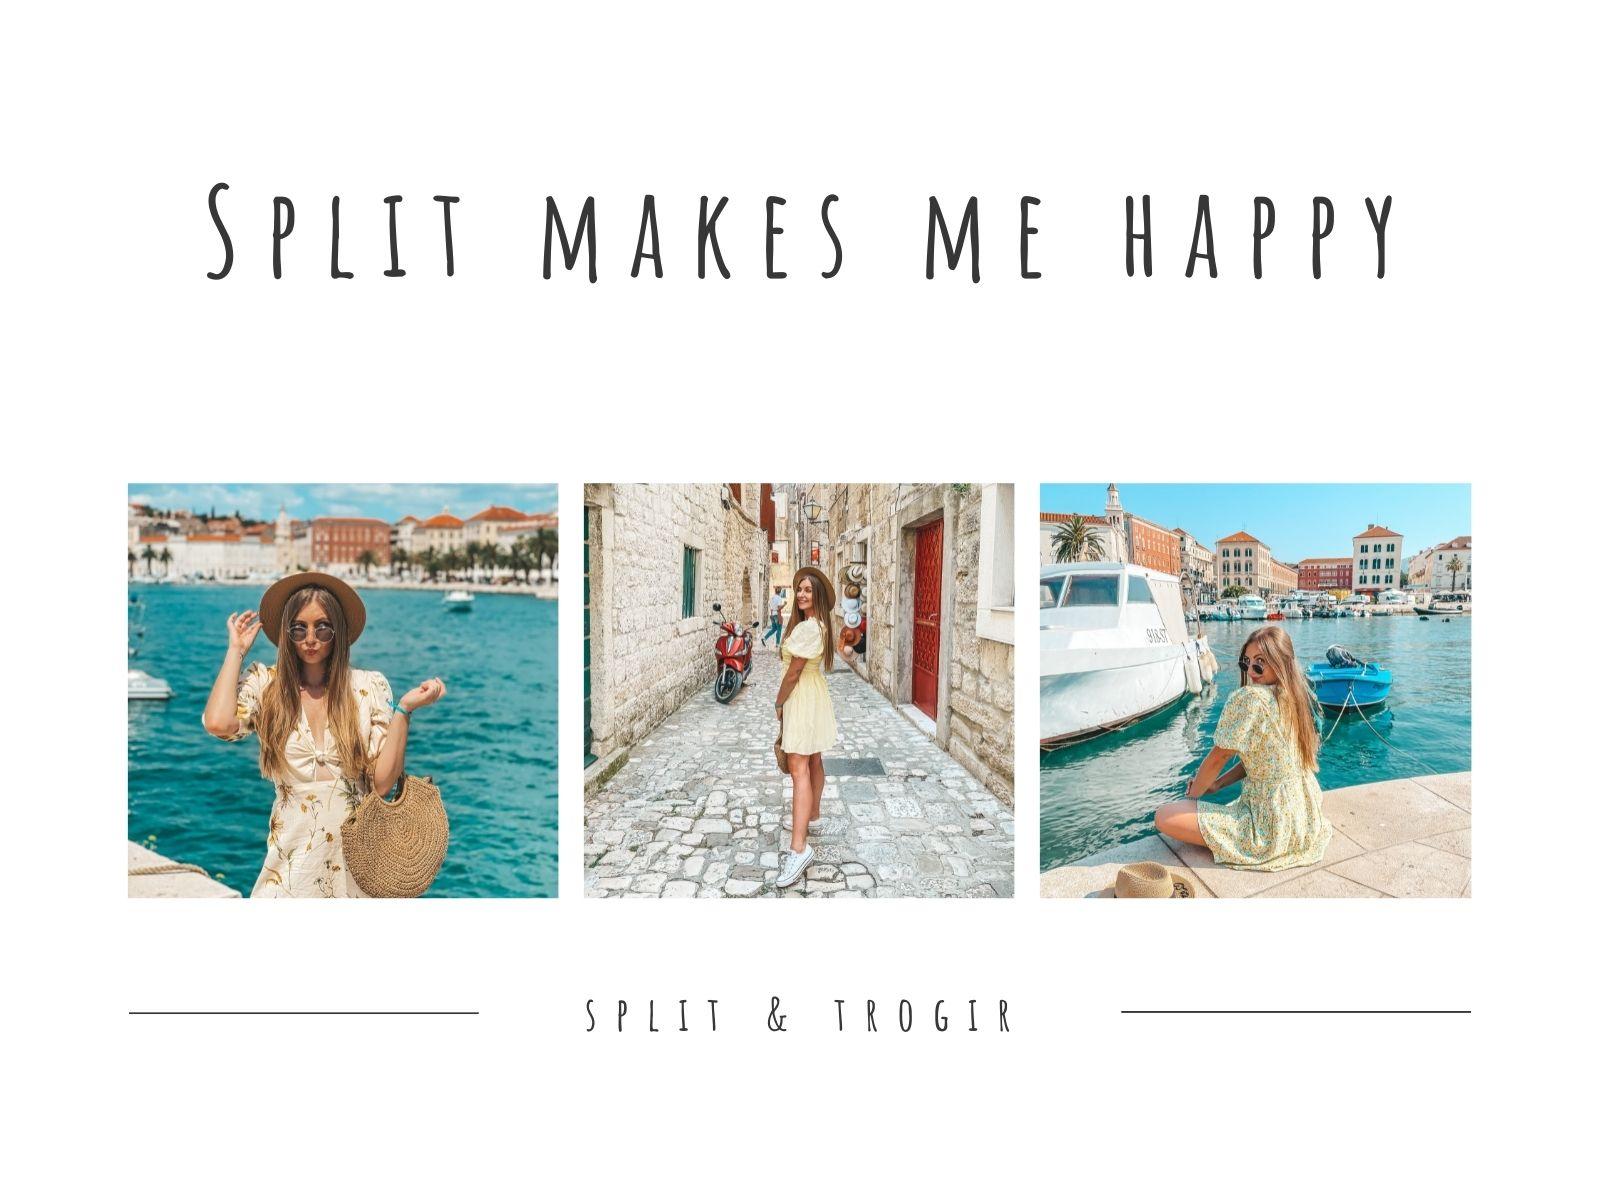 Čo vidieť v Splite a Trogire ?